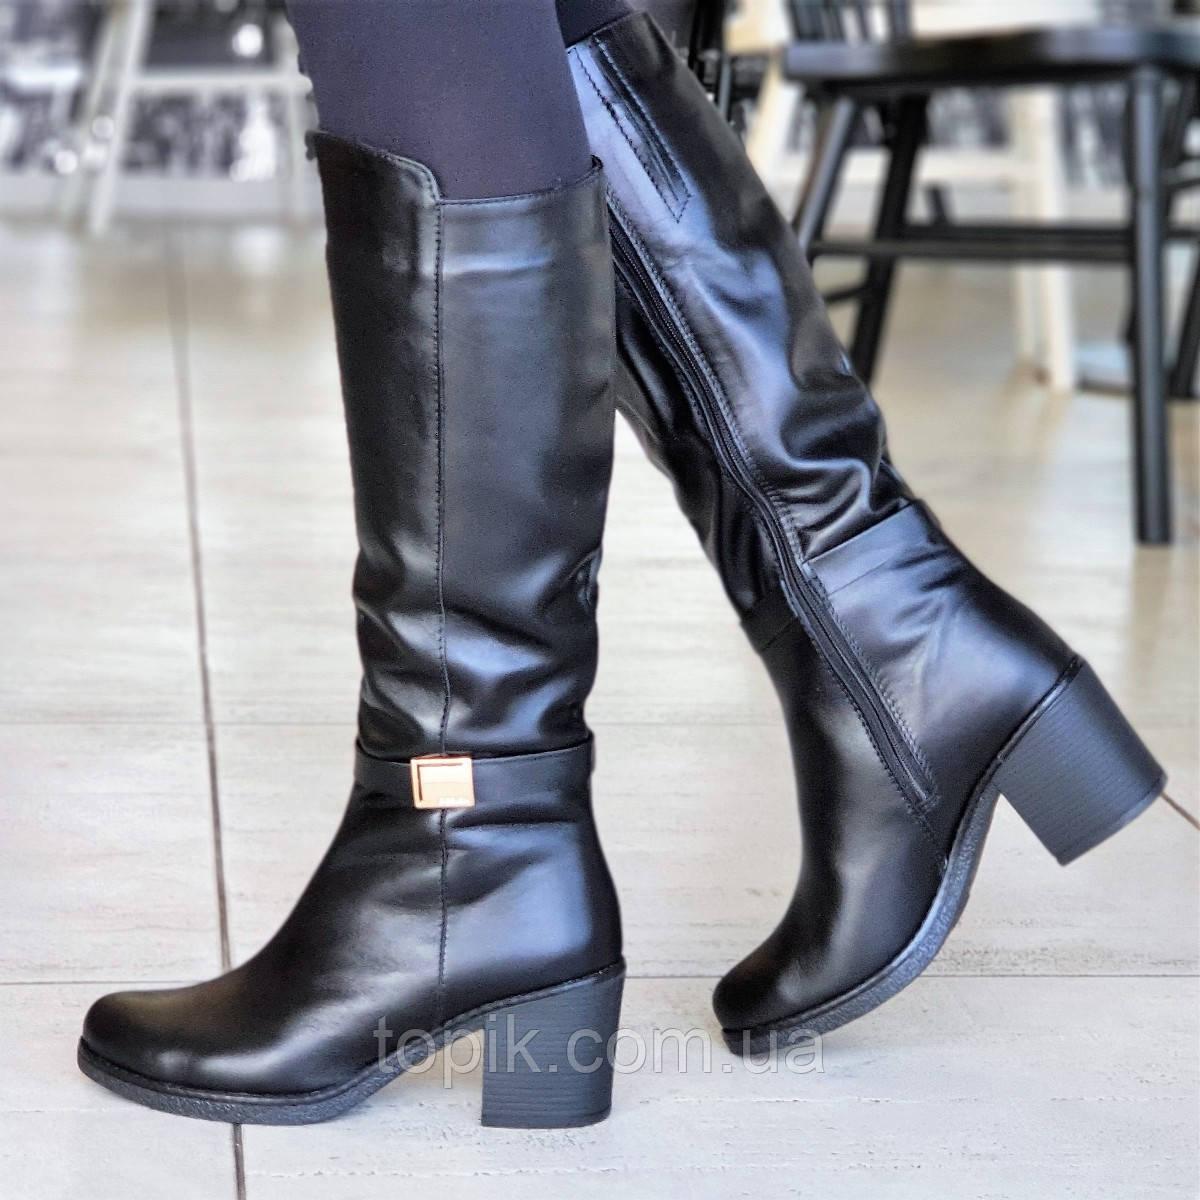 Женские зимние сапоги сапожки на широком каблуке черные кожаные на меху элегантные (Код: 1309)